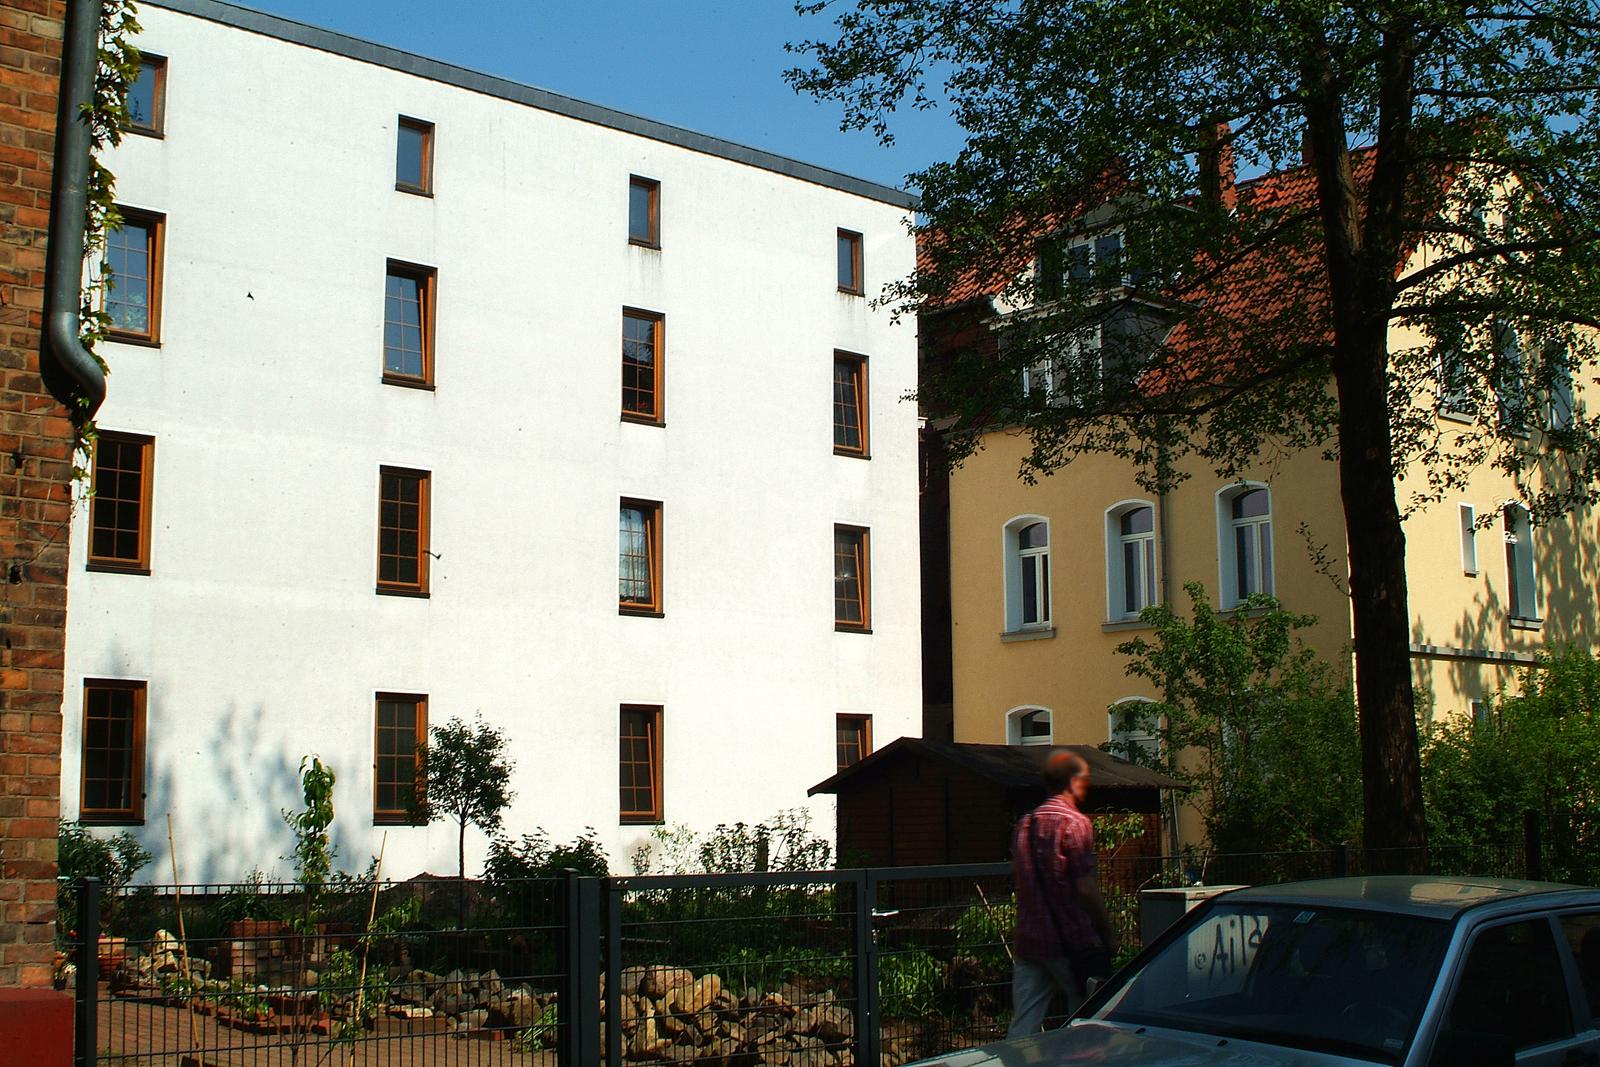 Otten Gartengestaltung, file:ottenstraße hannover rückseiten stärkestraße 18c, Design ideen